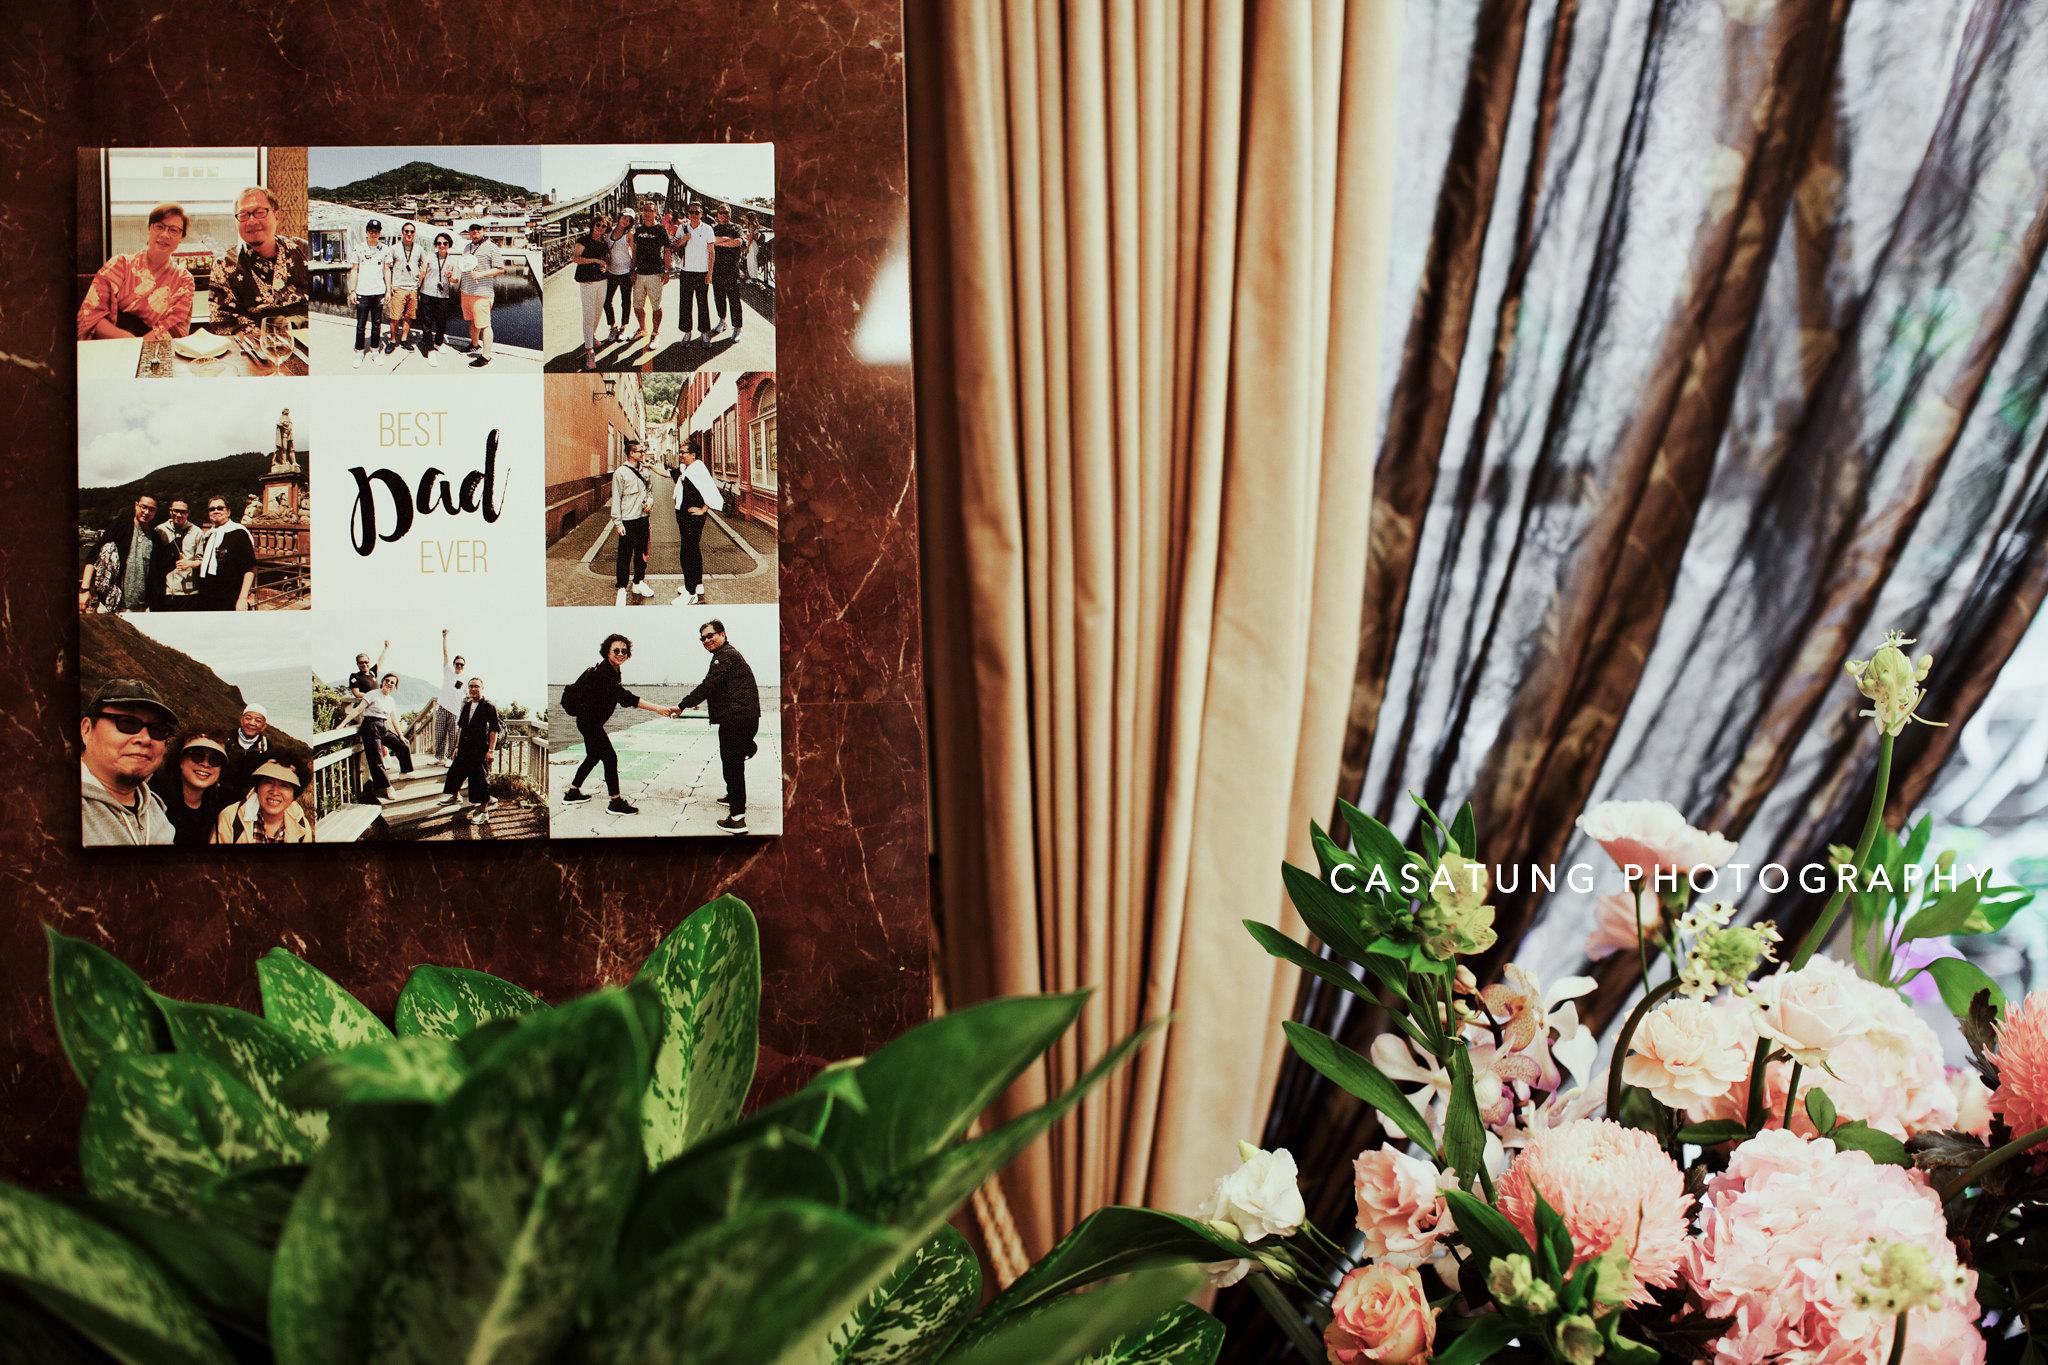 台中自助婚紗,旋轉木馬,casatung,心之芳庭,婚攝casa-11